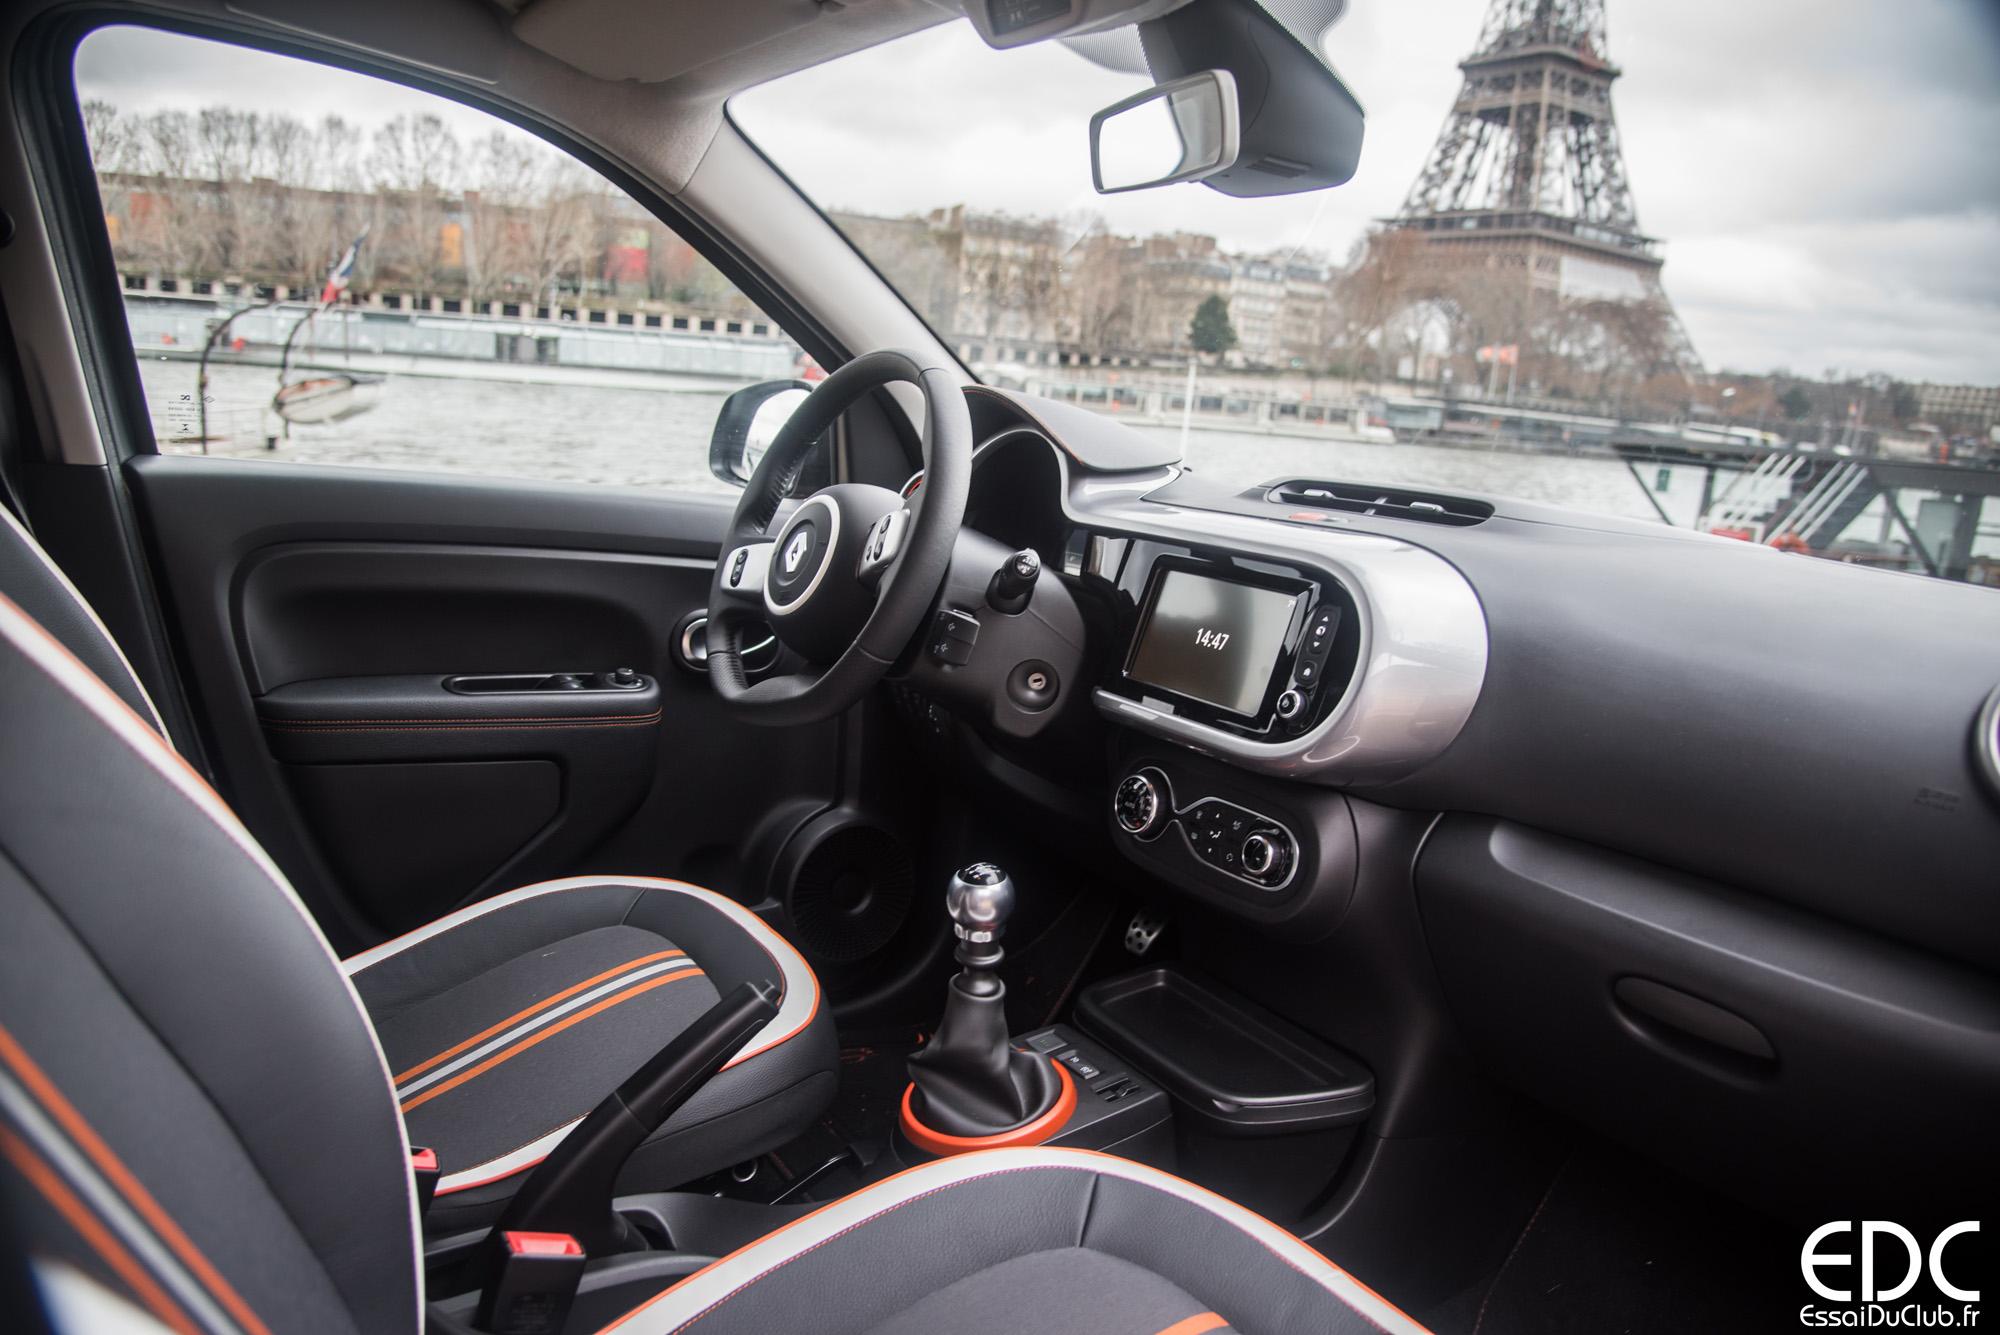 Essai nouvelle Renault Twingo GT - Les Essais du Club